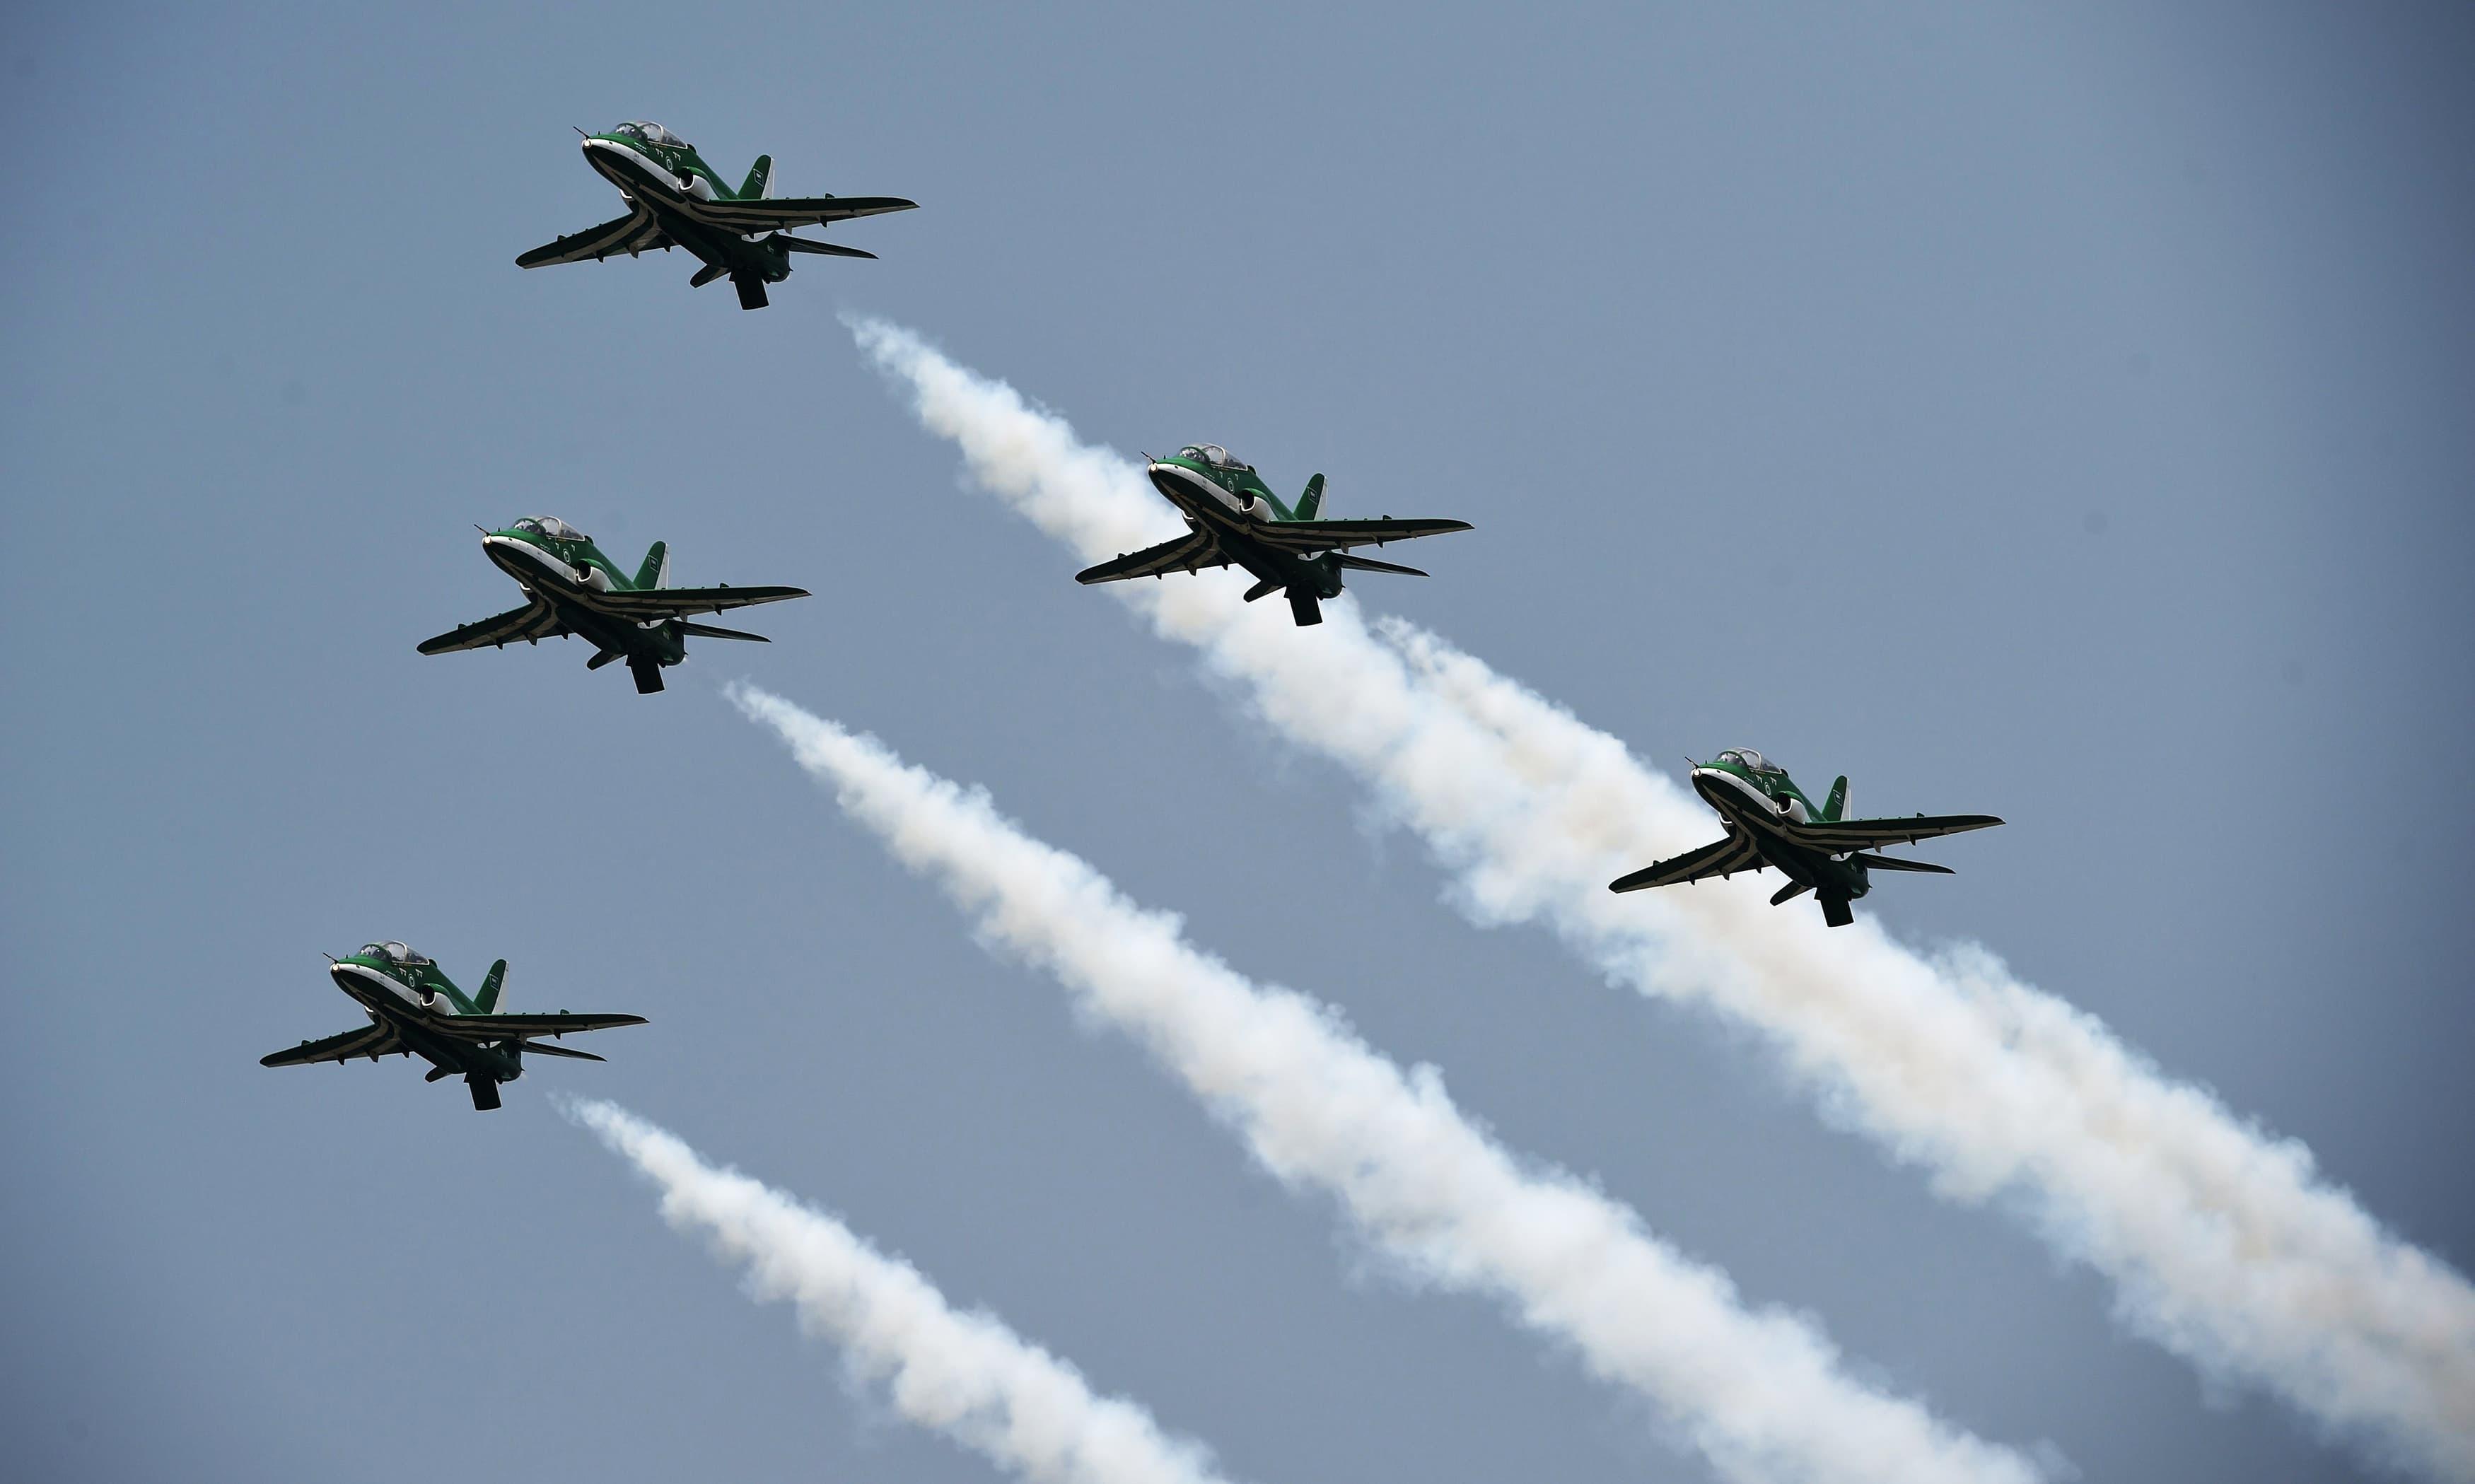 وفاقی دارالحکومت کی فضاؤں میں جنگی جہازوں کی ریہرسل پروازیں کی گئیں — فوٹو: اے ایف پی